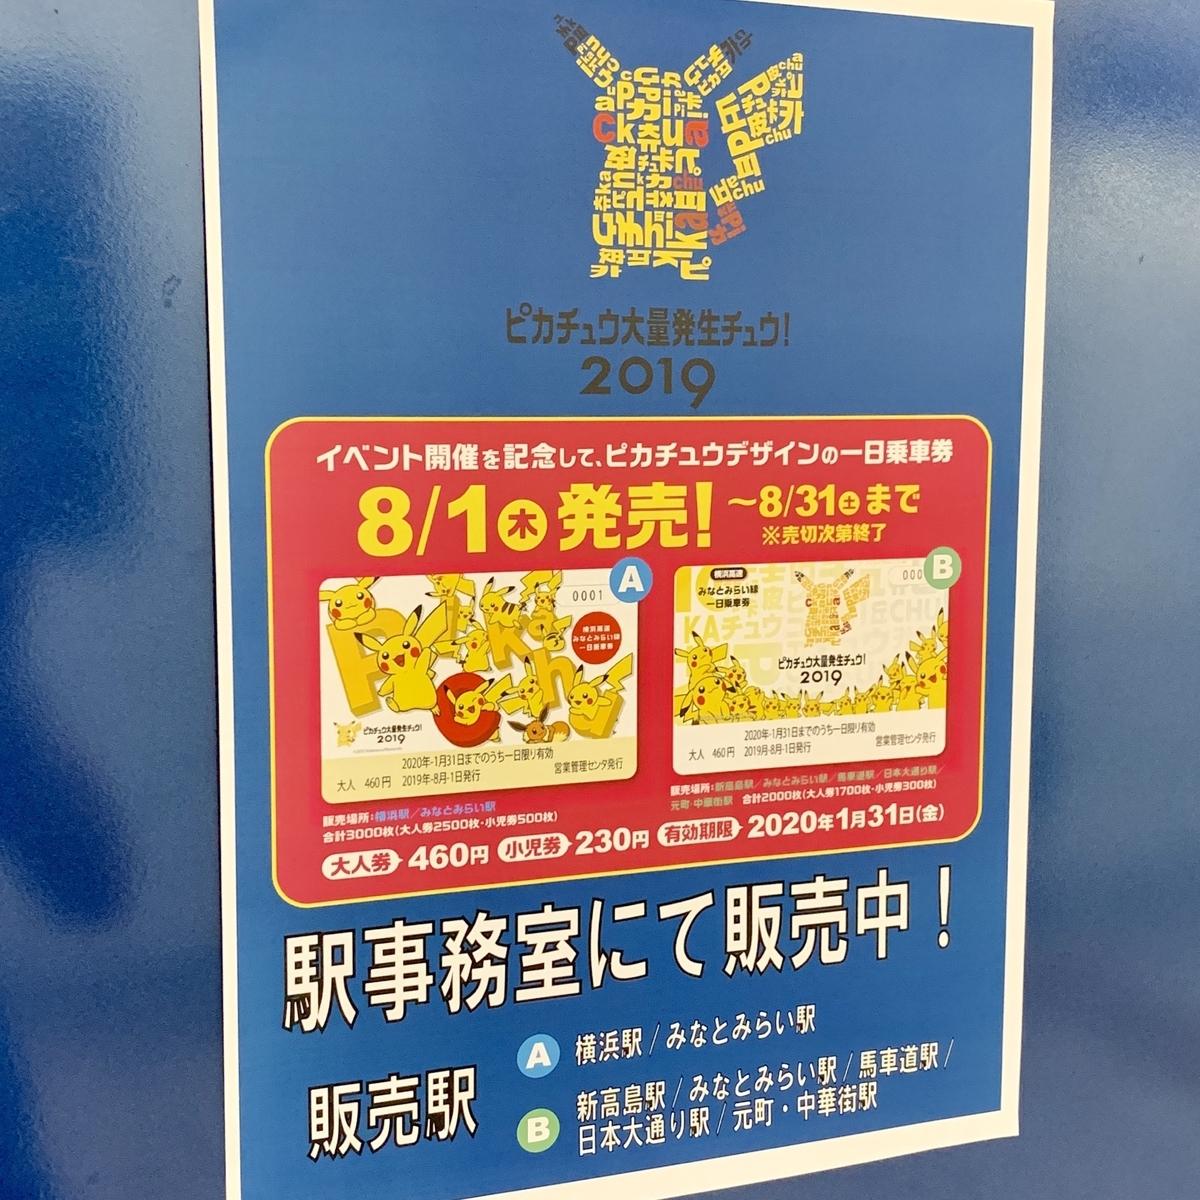 f:id:pikachu_pcn:20190801225411j:plain